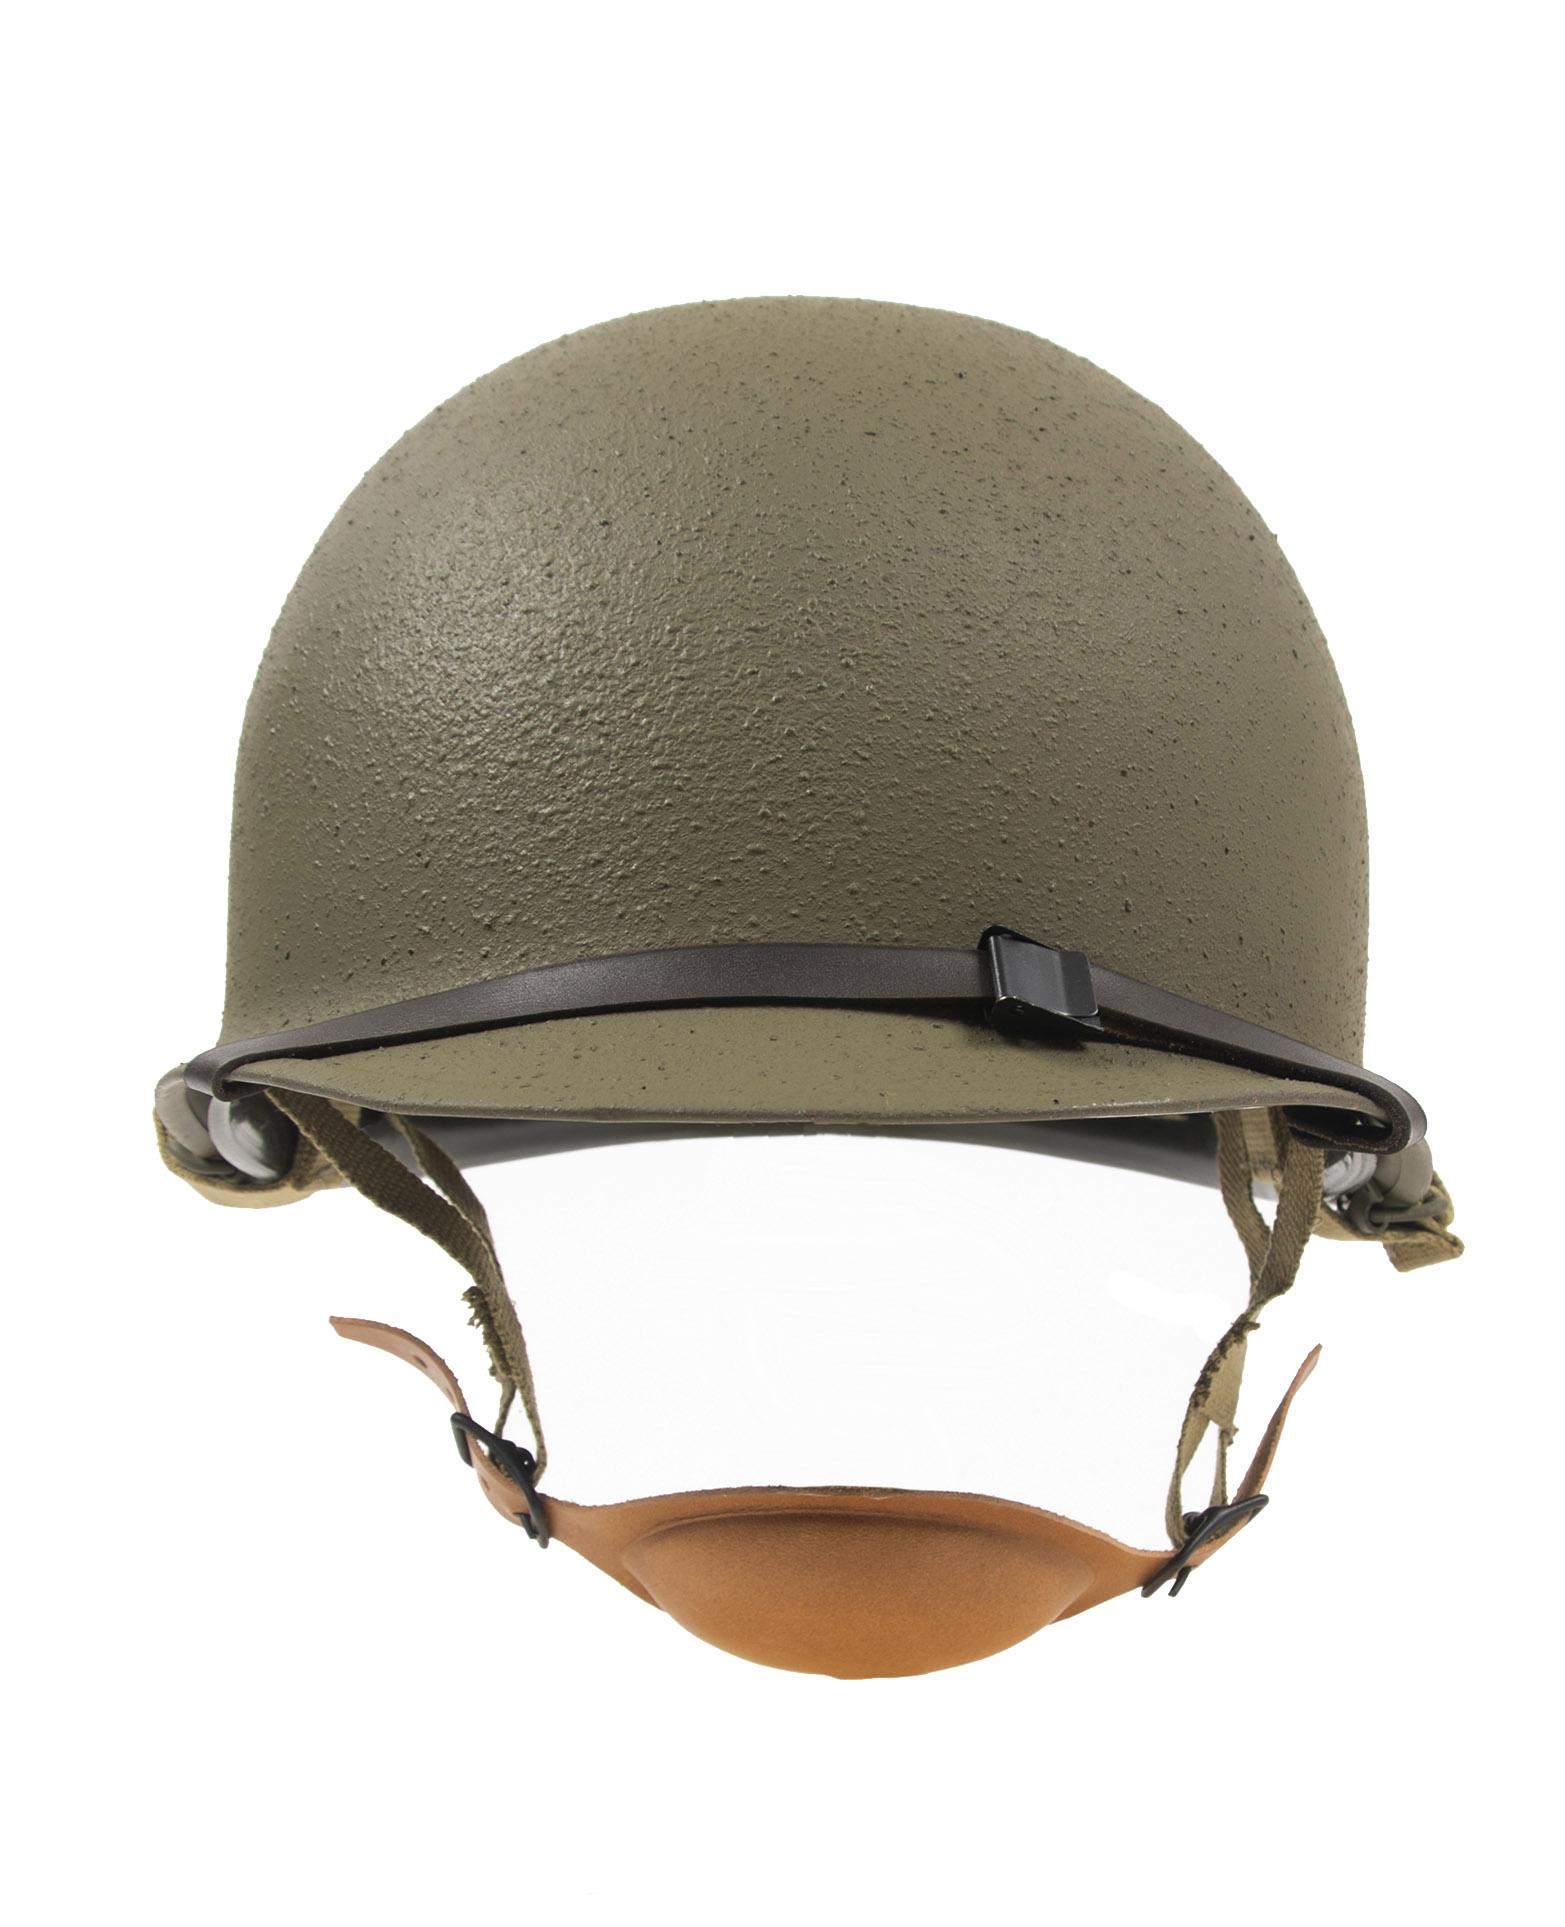 Postwar Parts Paratrooper Helmet